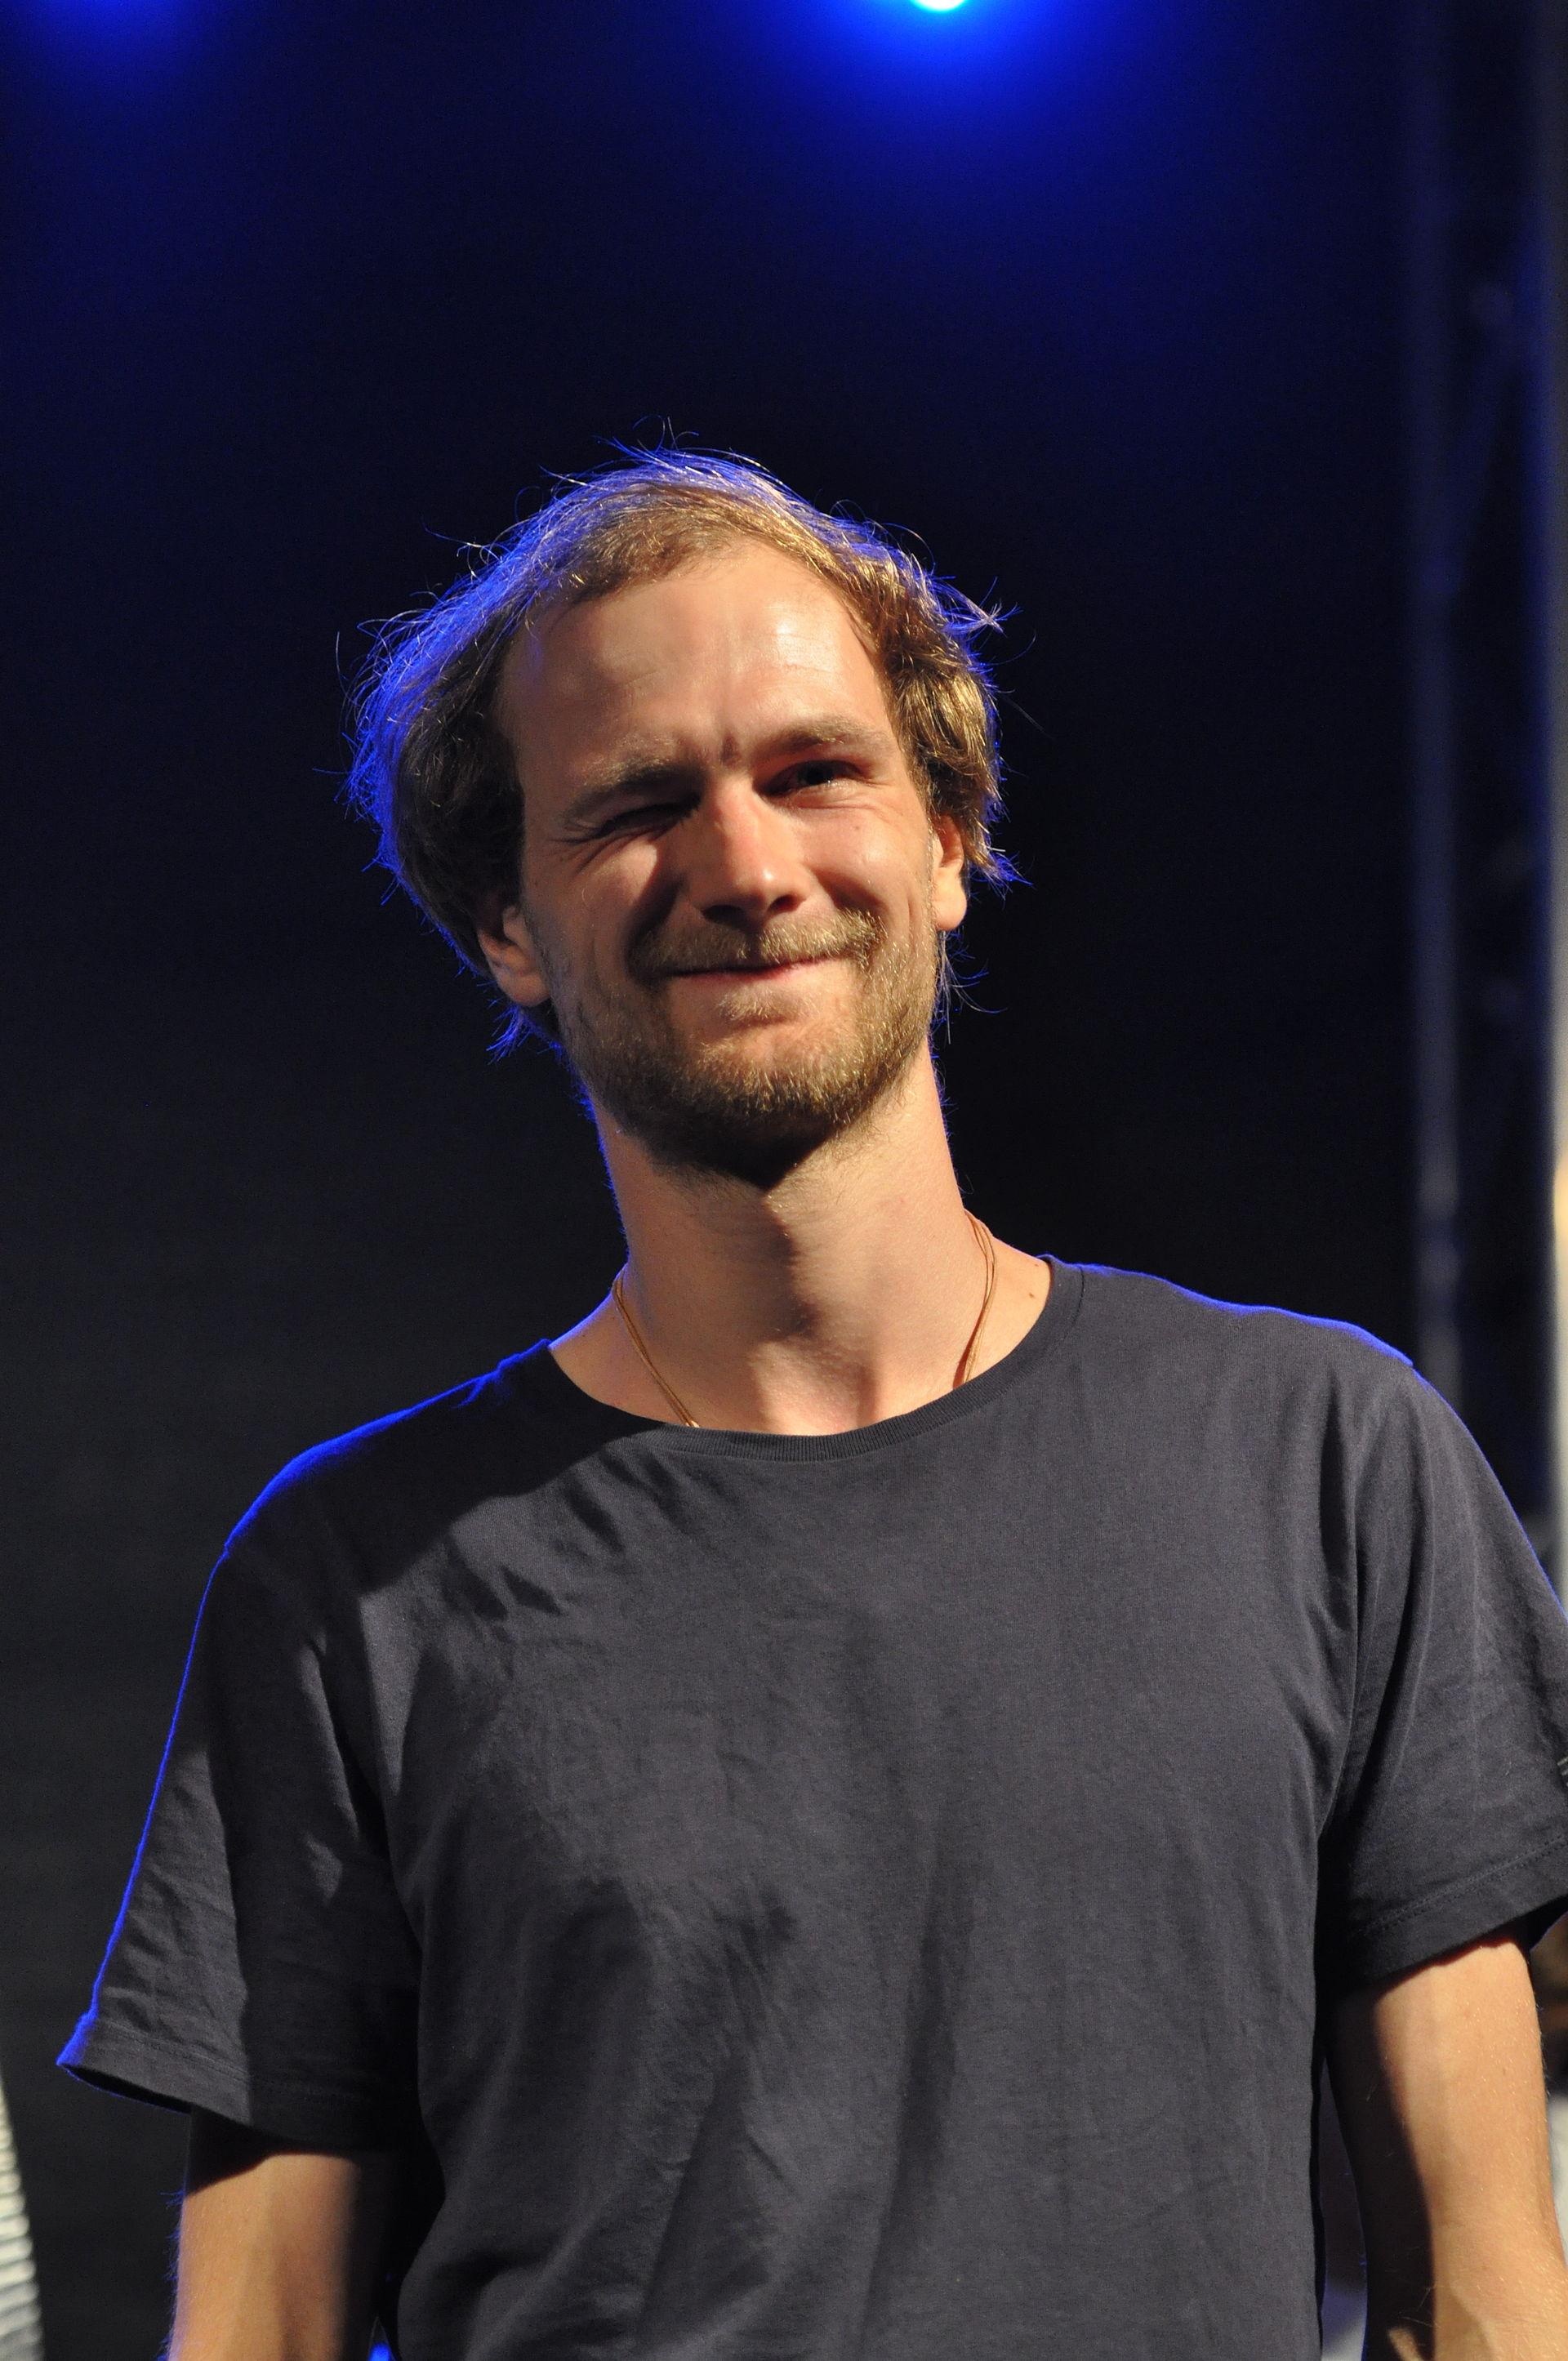 Johannes Gwisdek